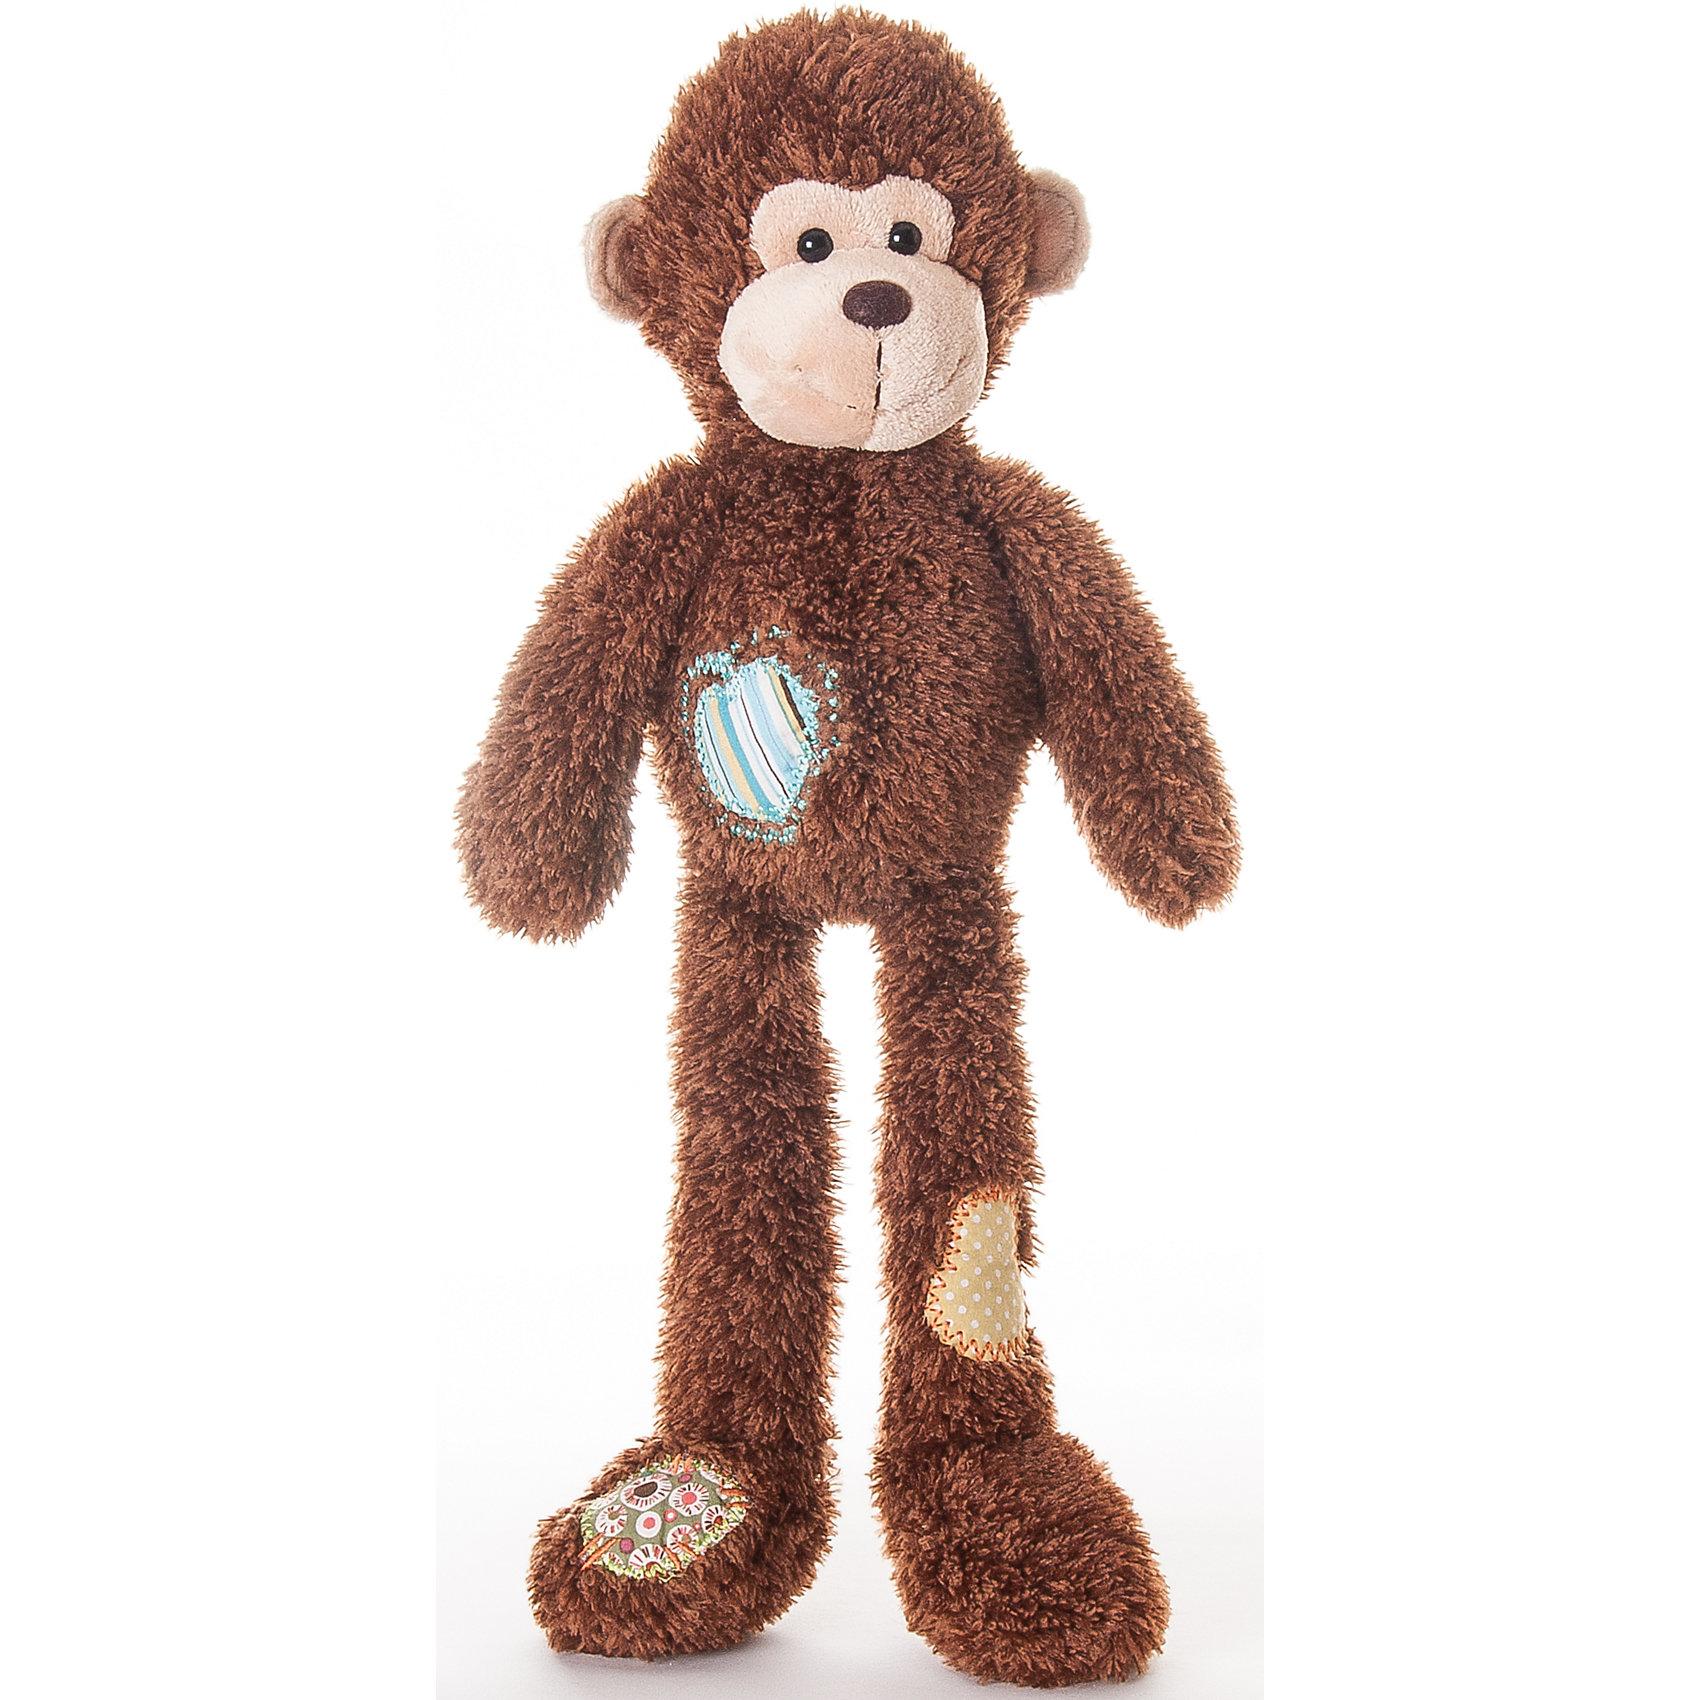 AURORA Мягкая игрушка Обезьянка с заплатками, 45 см., AURORA большую мягкую игрушку собаку лежа в москве